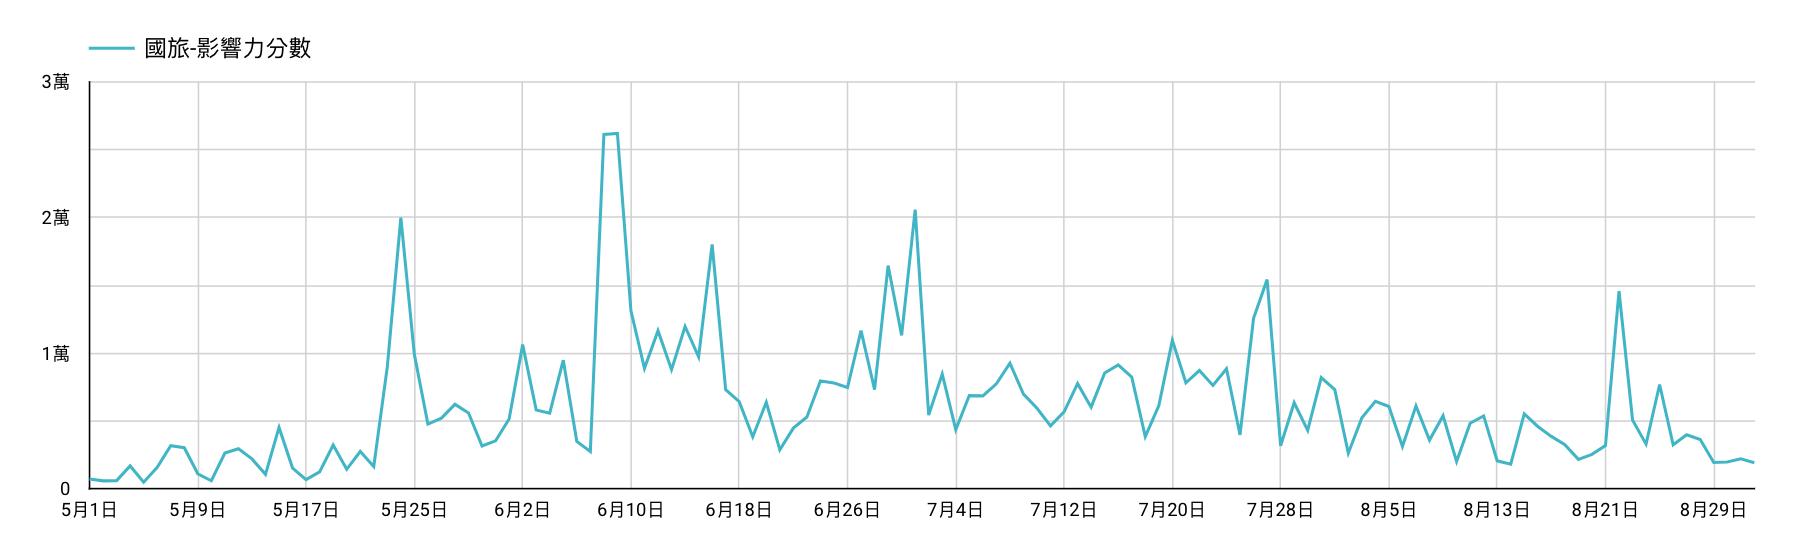 國旅聲量趨勢圖